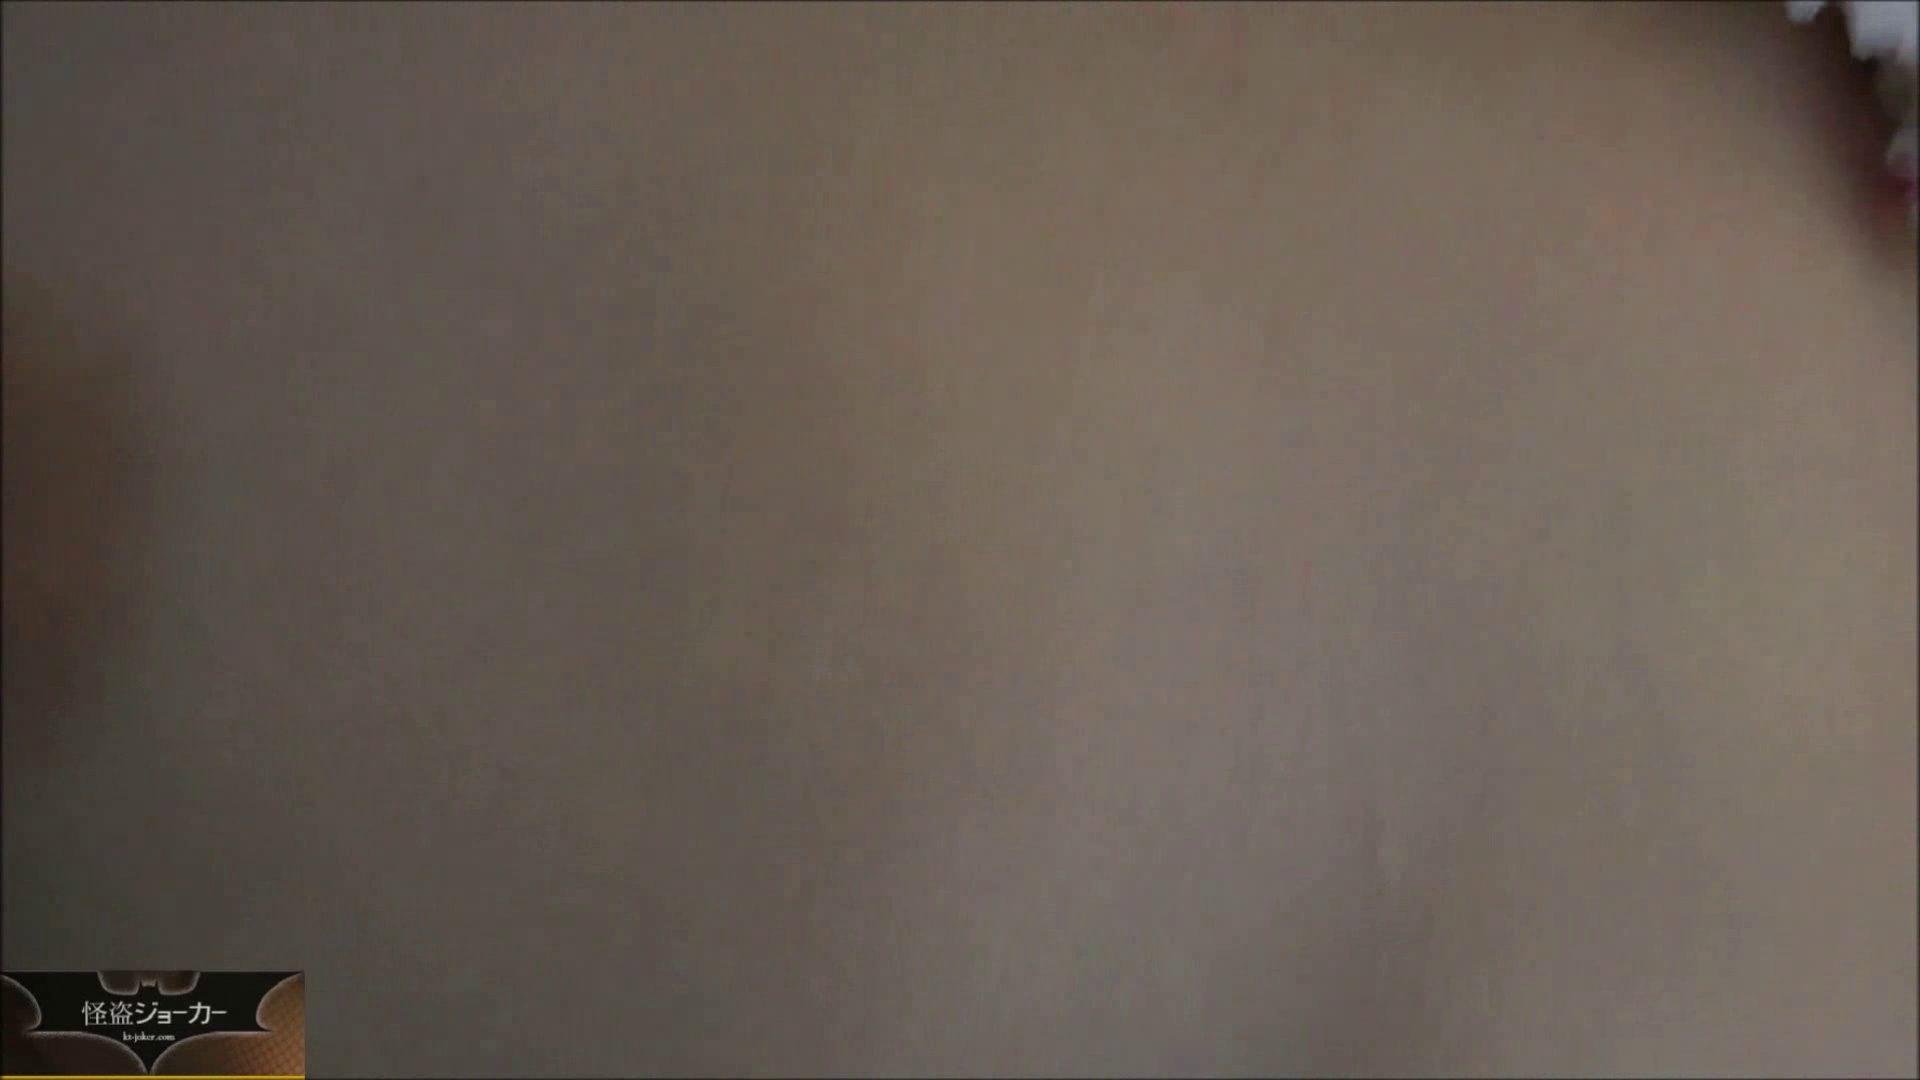 【未公開】vol.23 ユリナ、寝取られのアト。 OLハメ撮り  107Pix 9